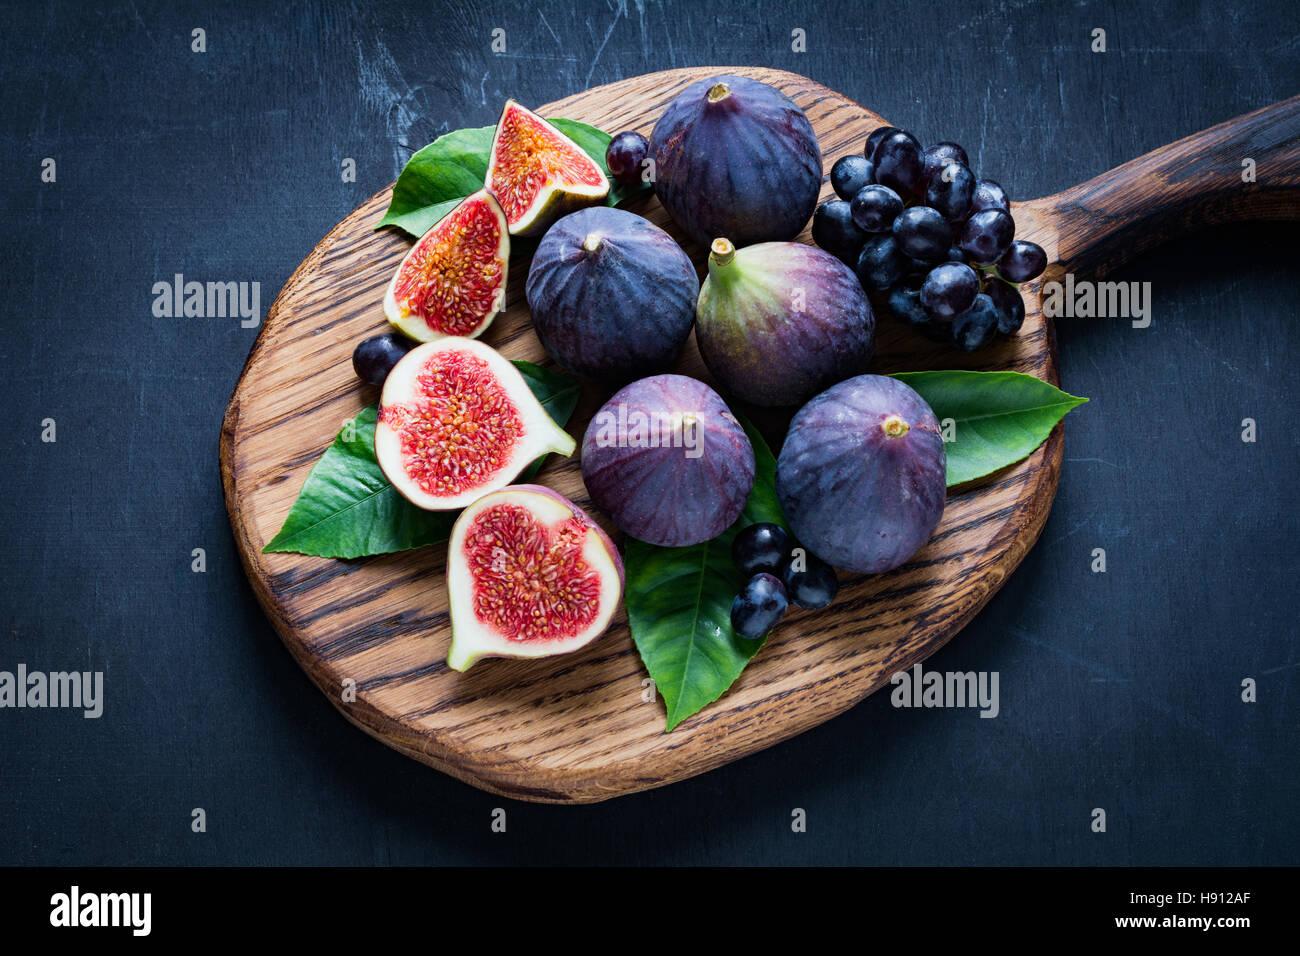 Plateau à fruits: figues fraîches et les raisins noirs 'Isabella' sur planche à découper Photo Stock